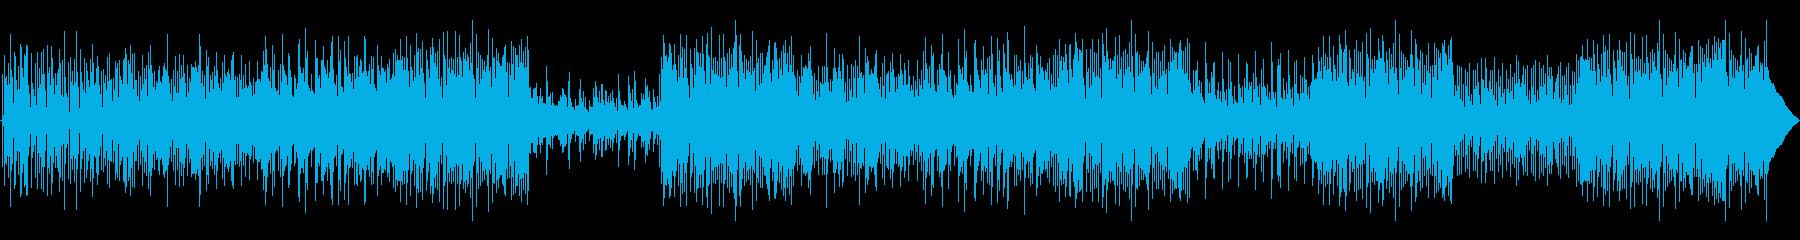 エレクトリックピアノ、ギター、ハン...の再生済みの波形